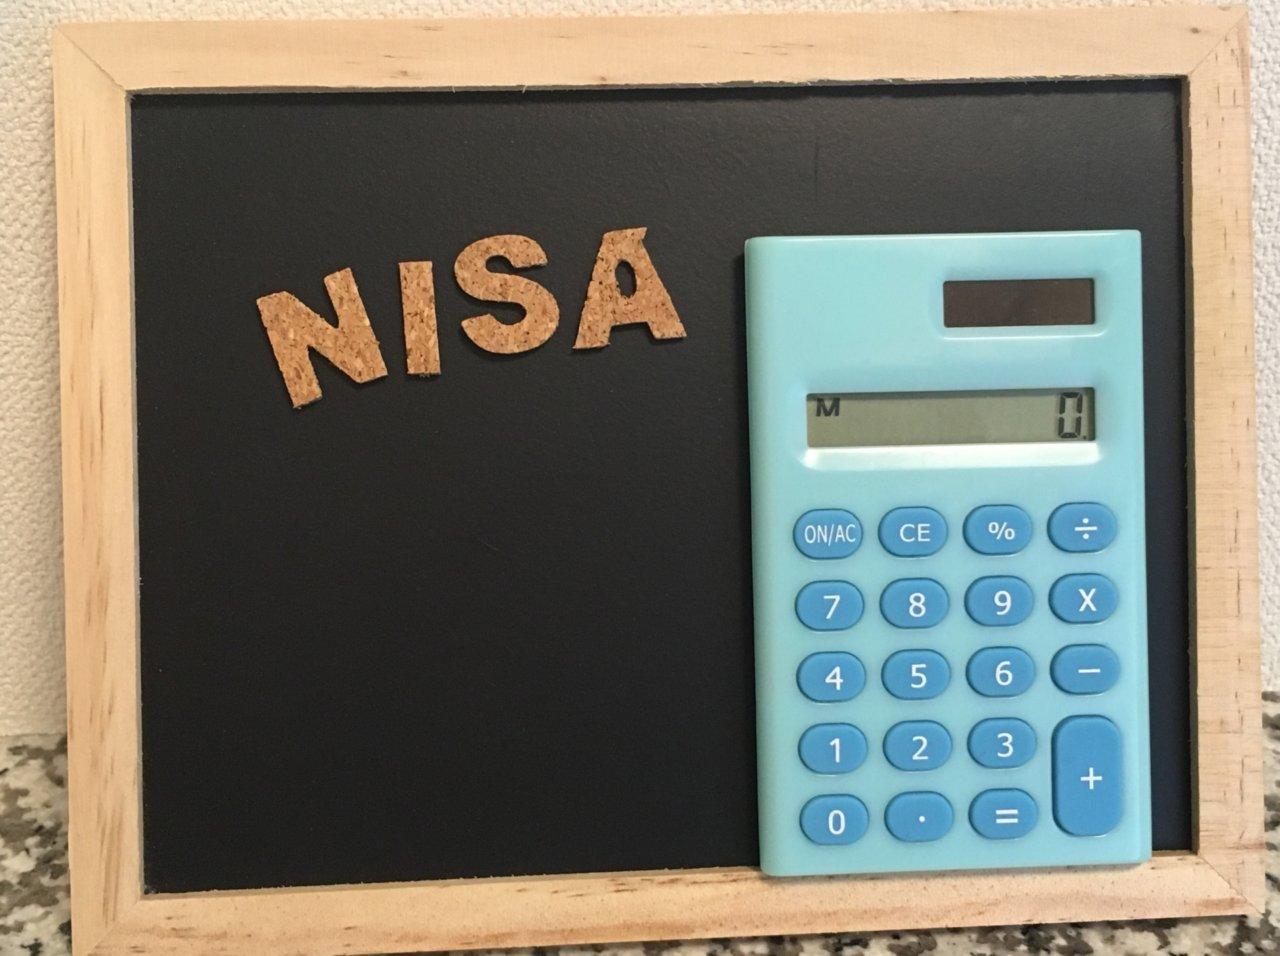 つみたてNISAとは?一般NISAとの違いやメリットをまとめました